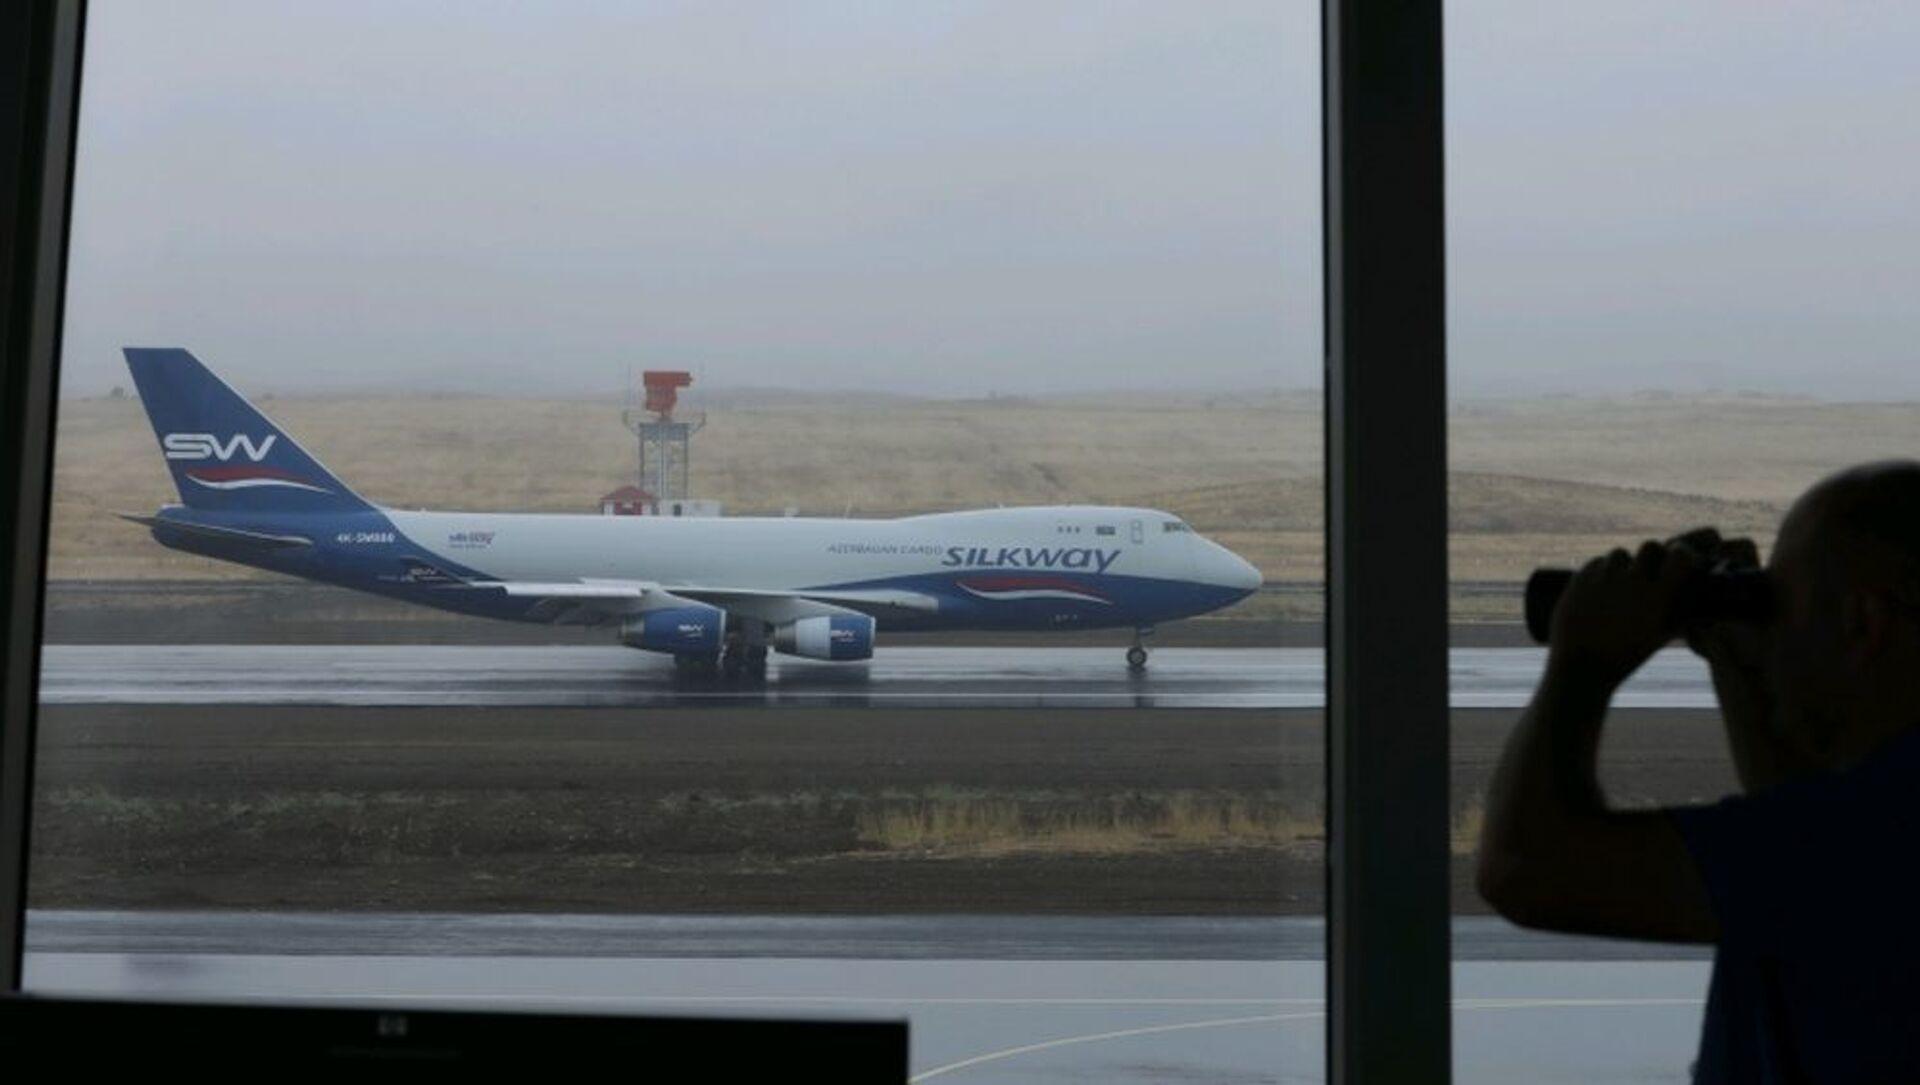 Azərbaycanın Silk Way aviaşirkətinə məxsus ən böyük yük təyyarələrindən biri olan Boeing 747-400 - Sputnik Azərbaycan, 1920, 05.09.2021